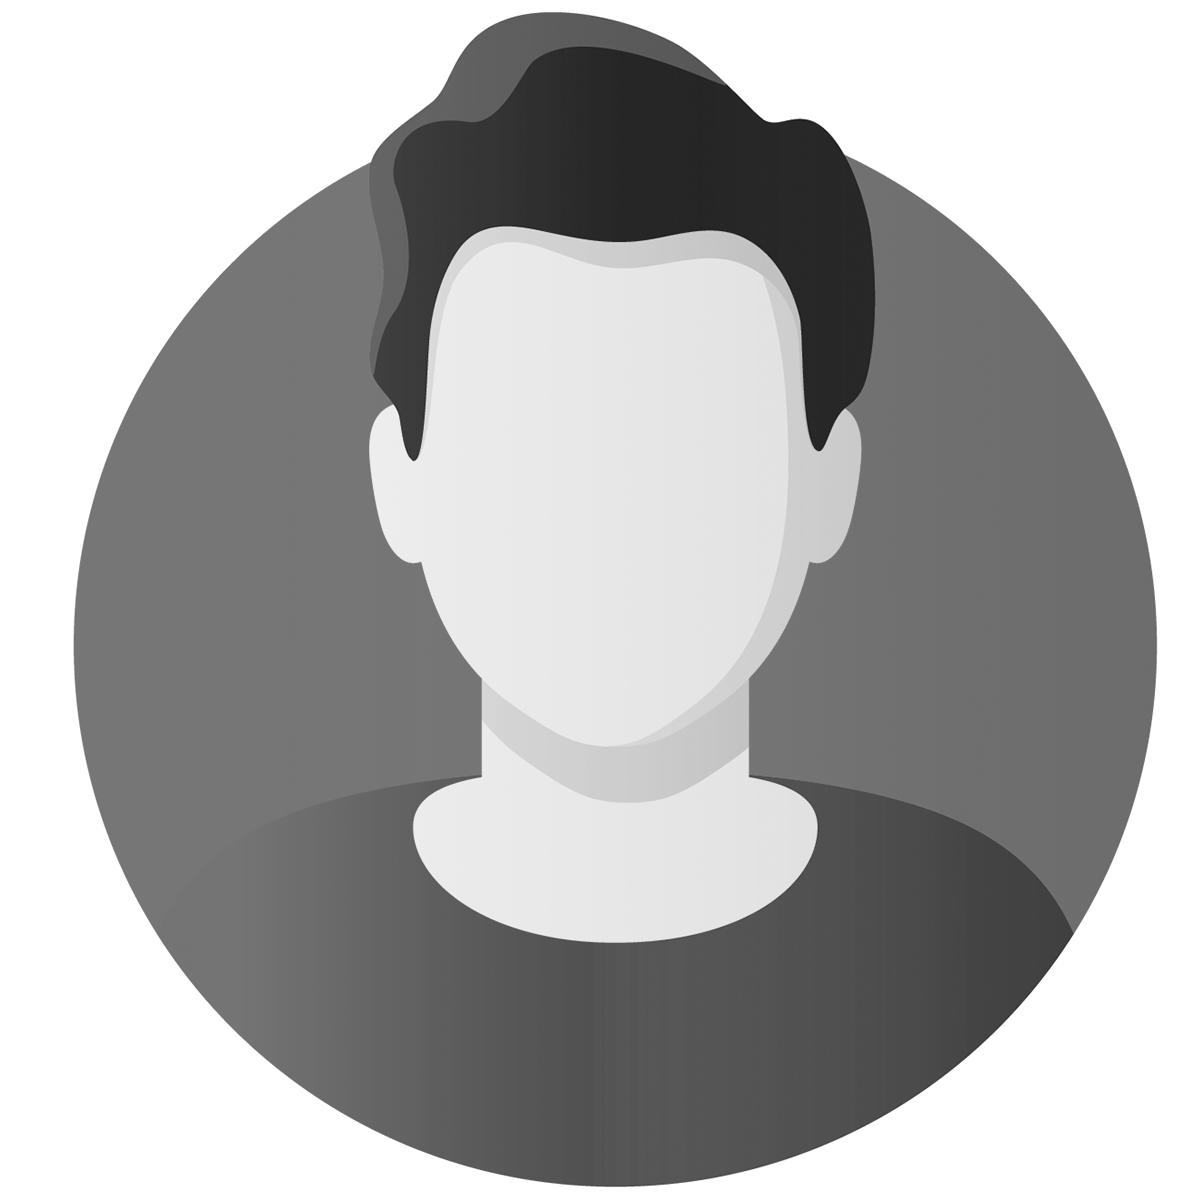 Placeholder billede af en mand